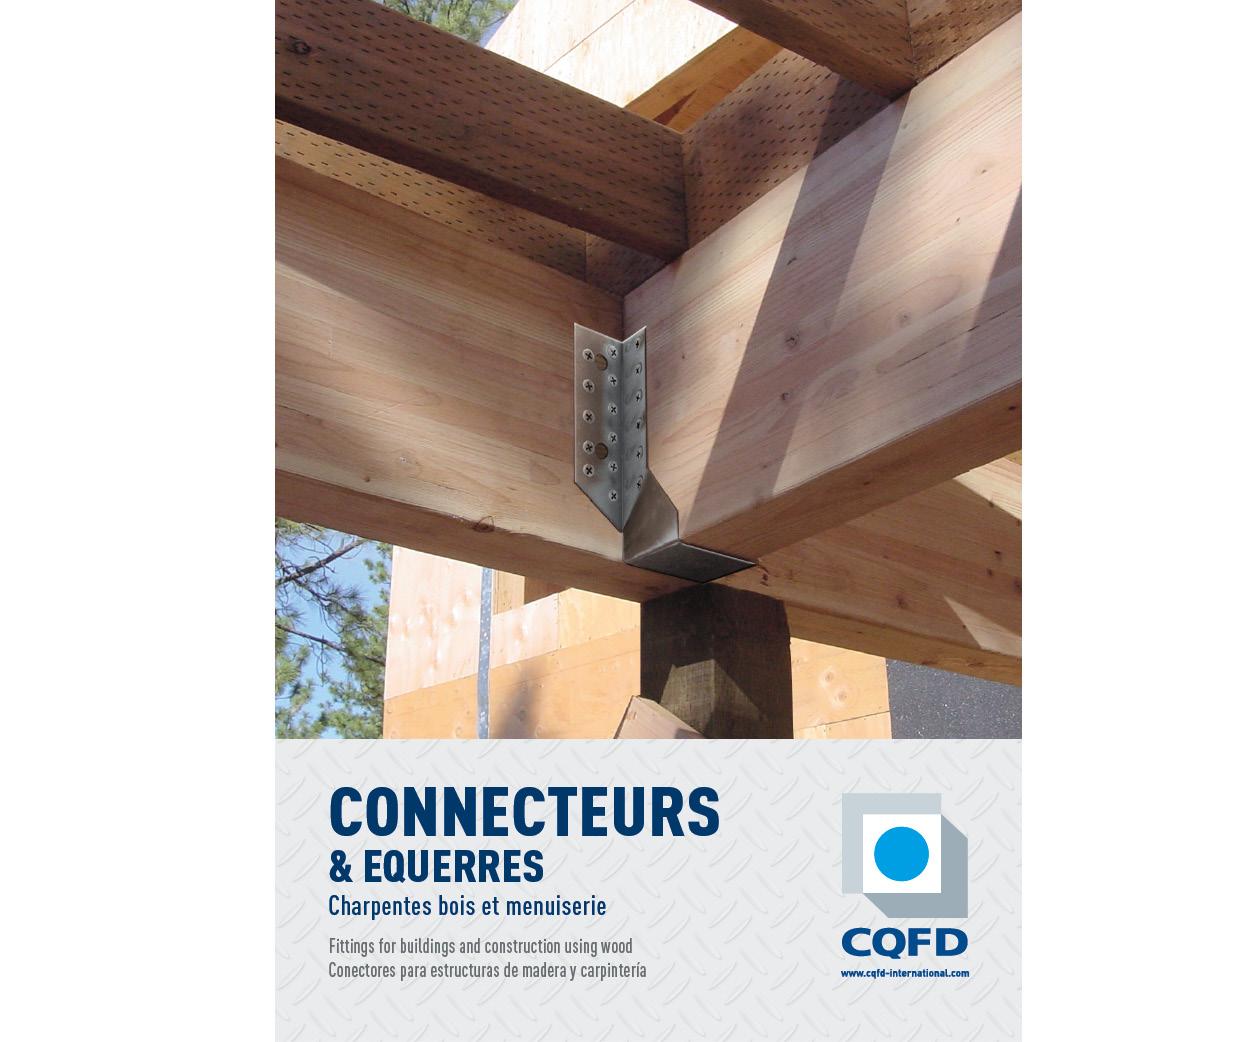 vignette catalogue connecteurs FR GB.jpg